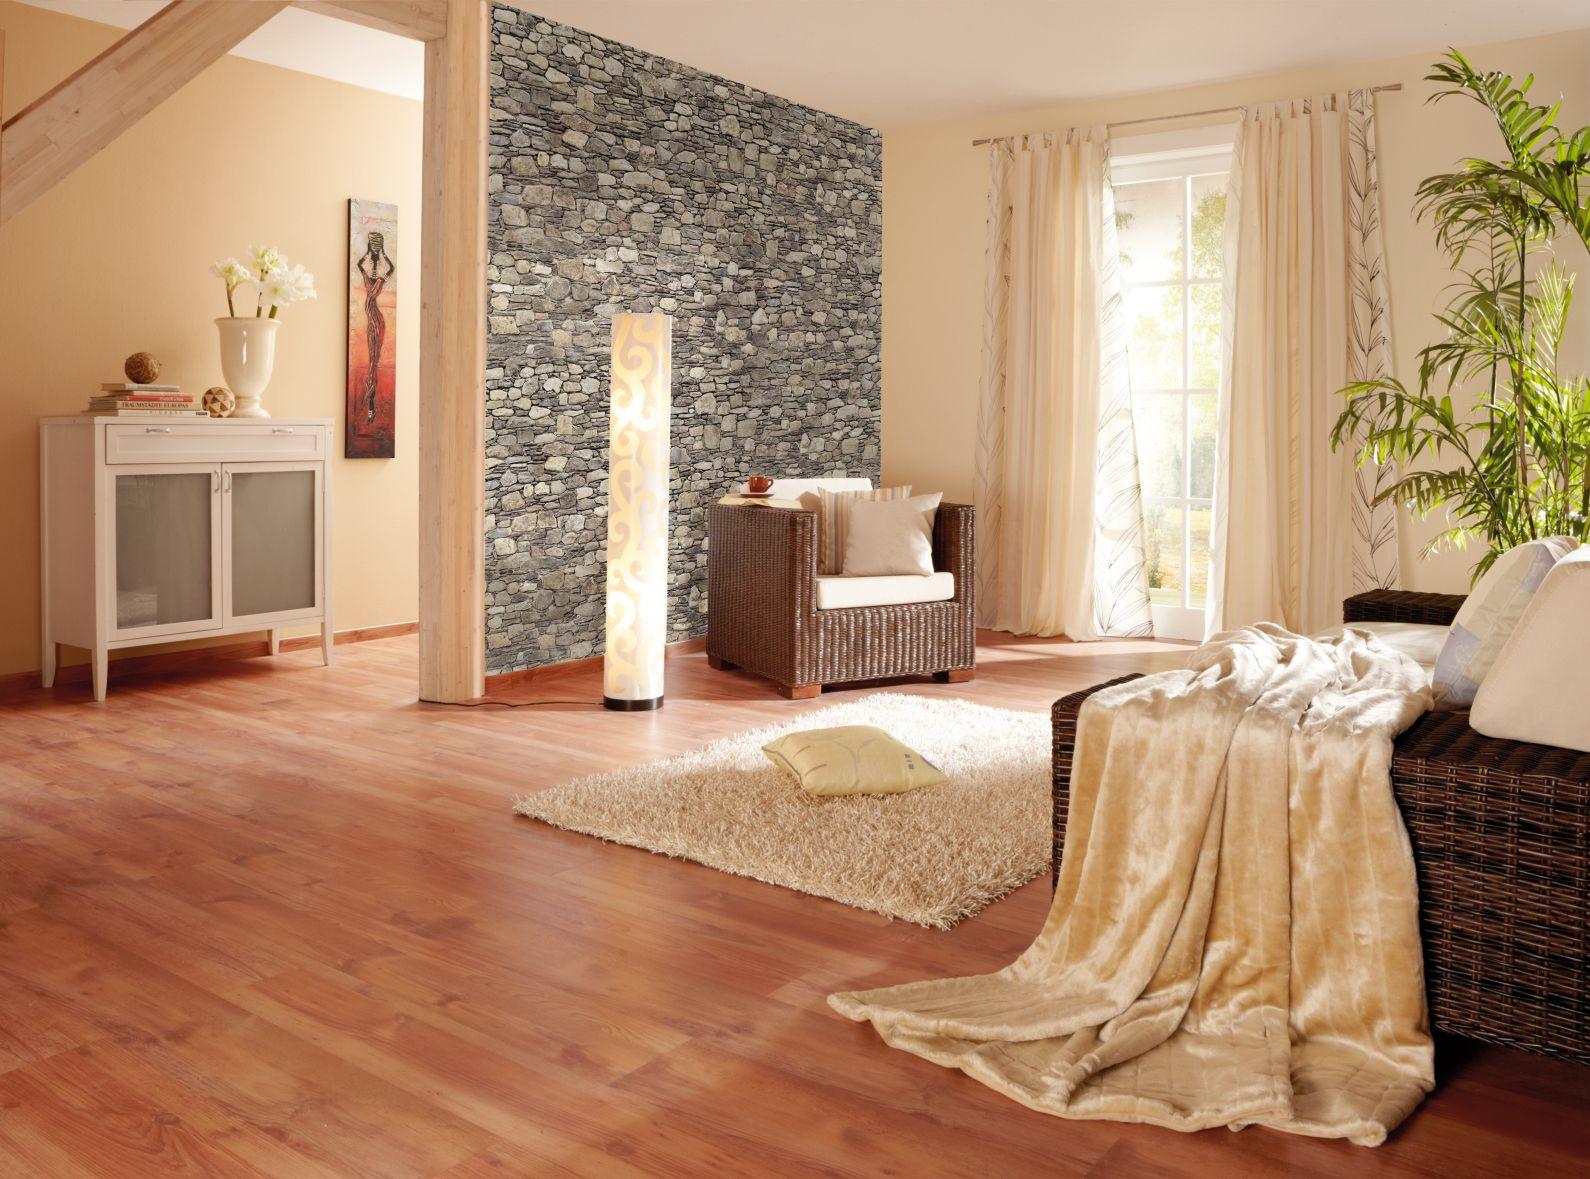 natur #beige #Wohnzimmer #Steintapete #Laminat | Wohnen | Pinterest ...